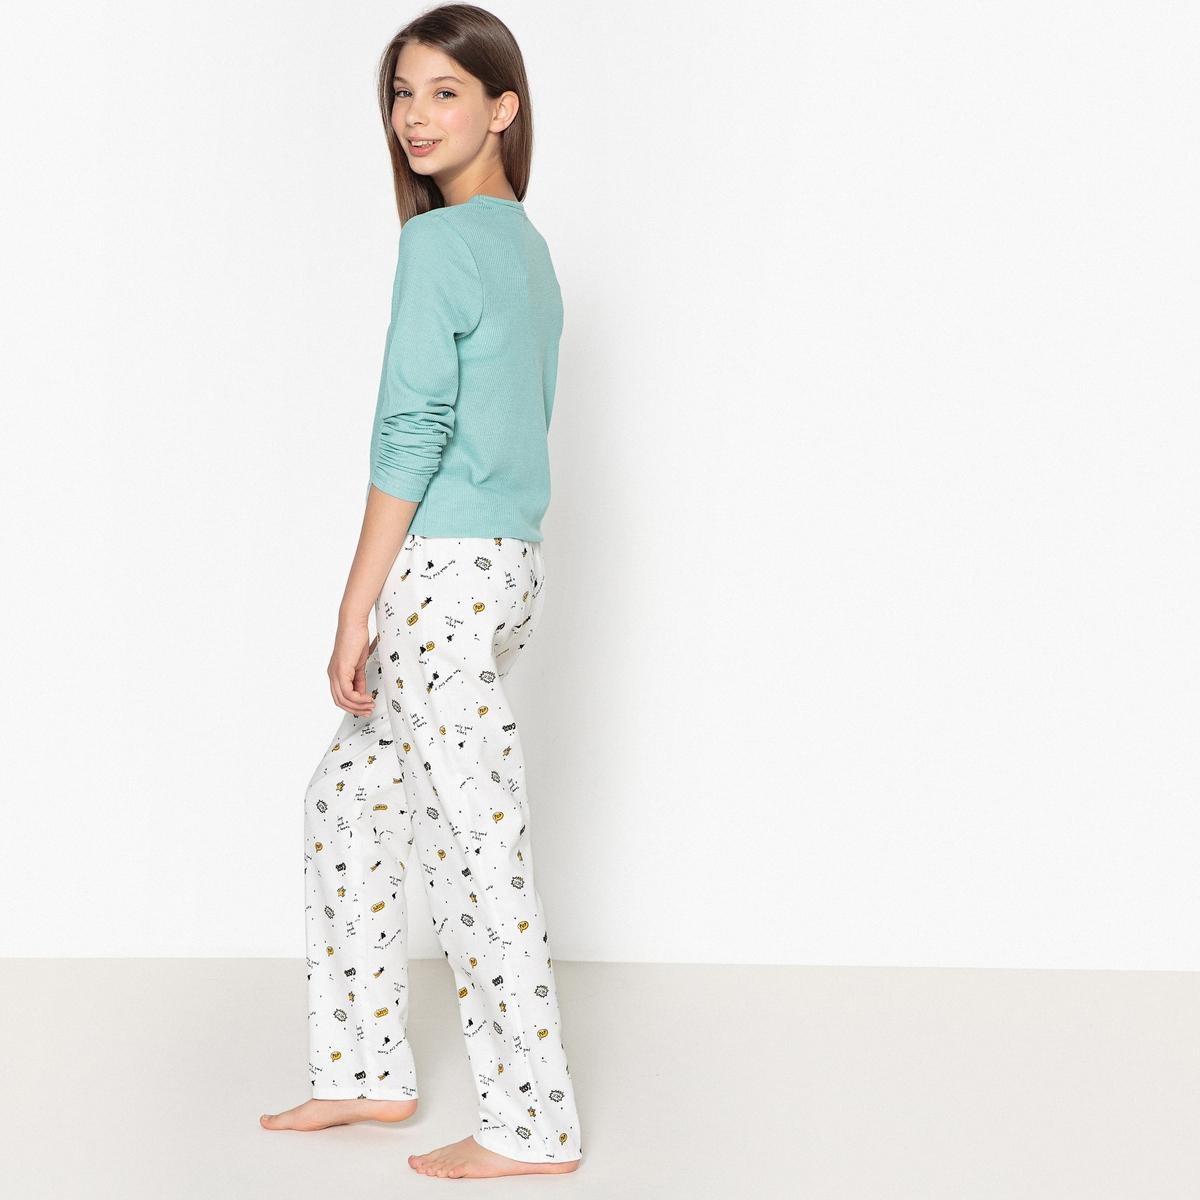 Пижама с принтом-надписью 10 - 16 лет леггинсы спортивные с принтом 10 16 лет